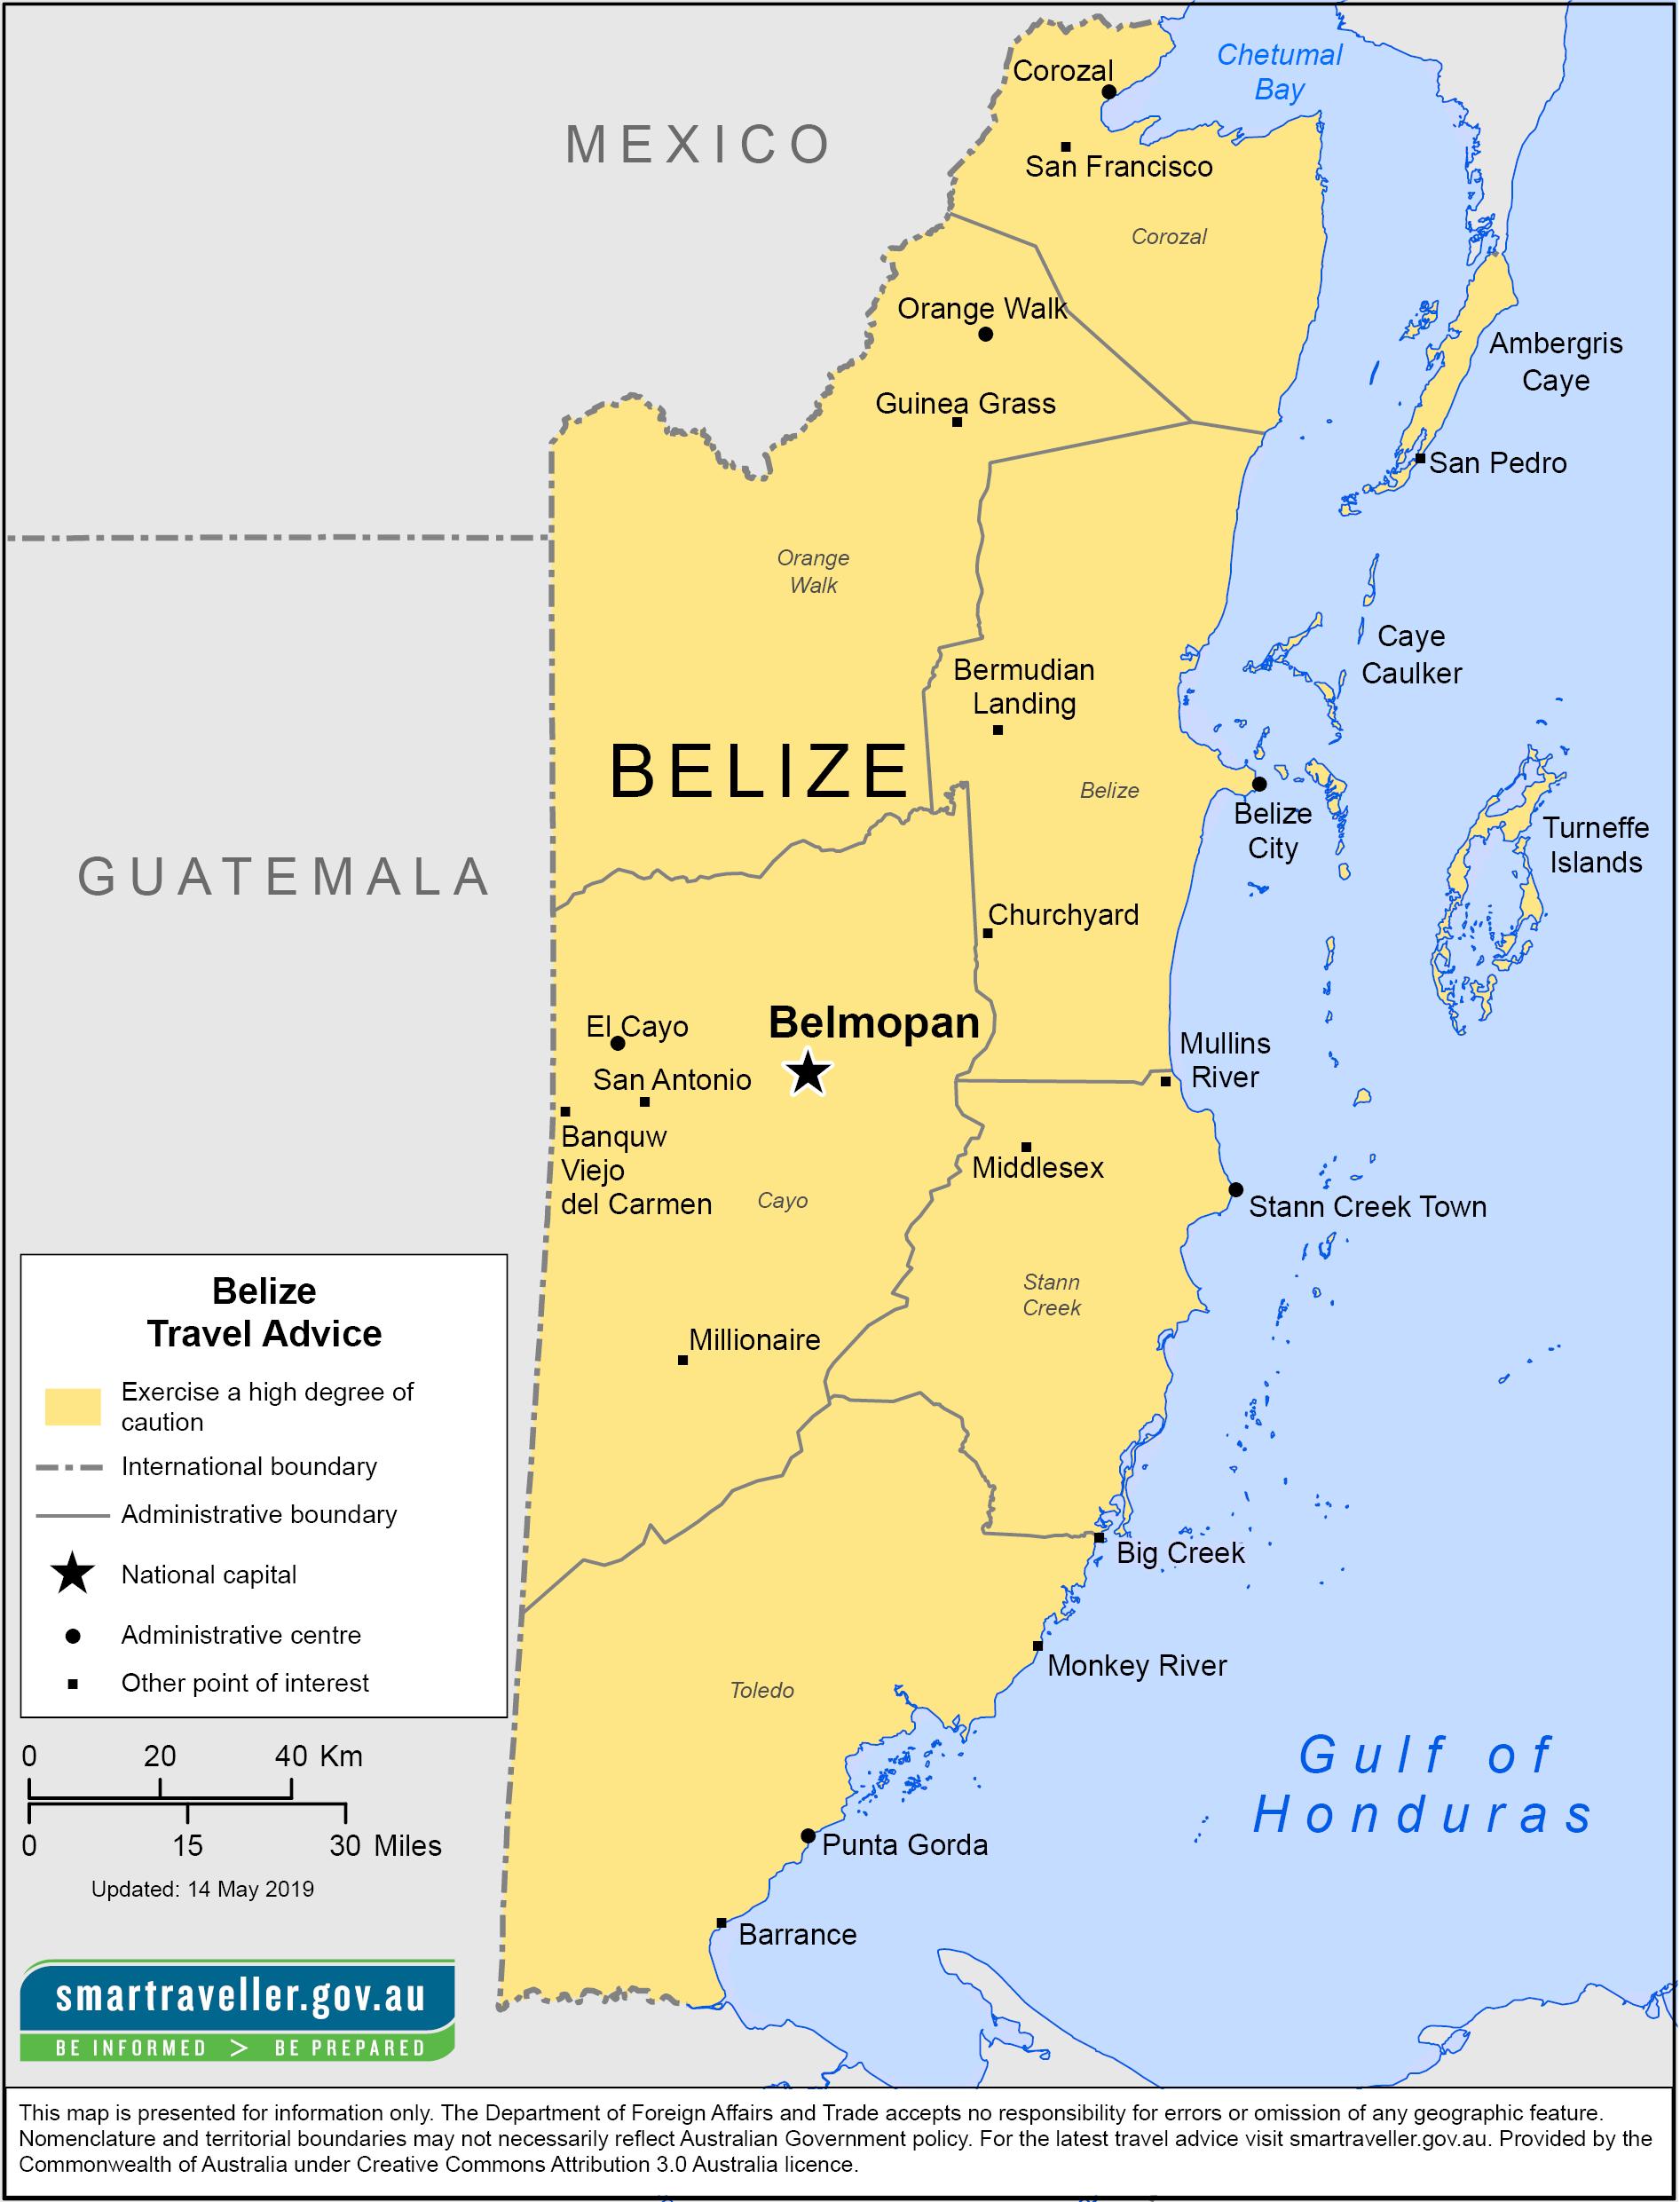 Belize-Travel-Insurance | AardvarkCompare.comn-Travel-Insurance | AardvarkCompare.com